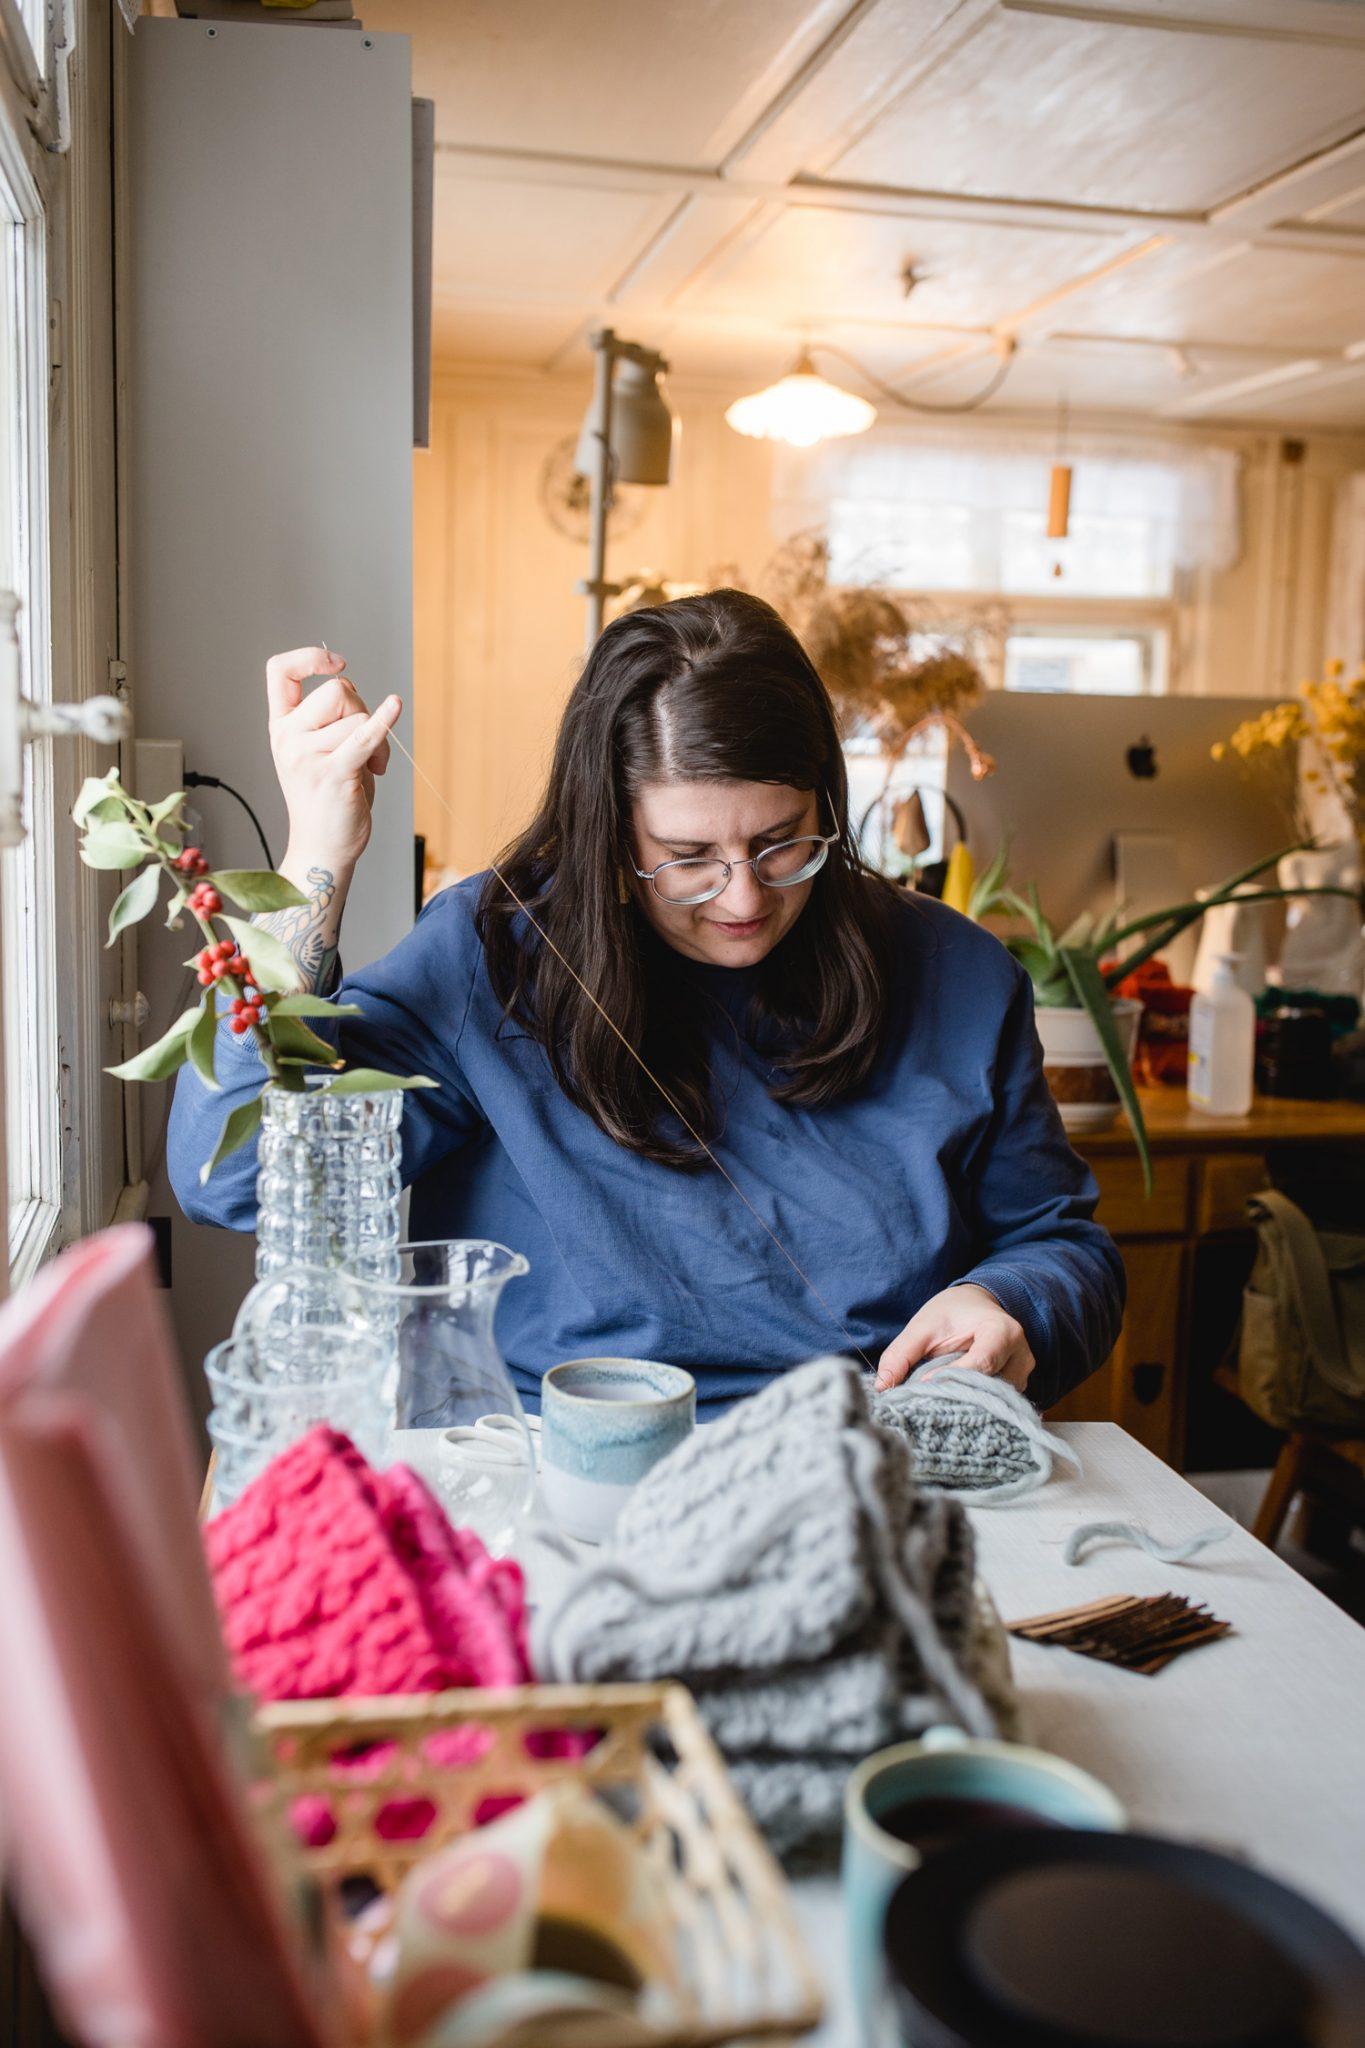 Der letzte Arbeitsschritt bei der Fertigung der Klunkar Stirnbänder ist das Vernähen. Foto von Nina Bröll.